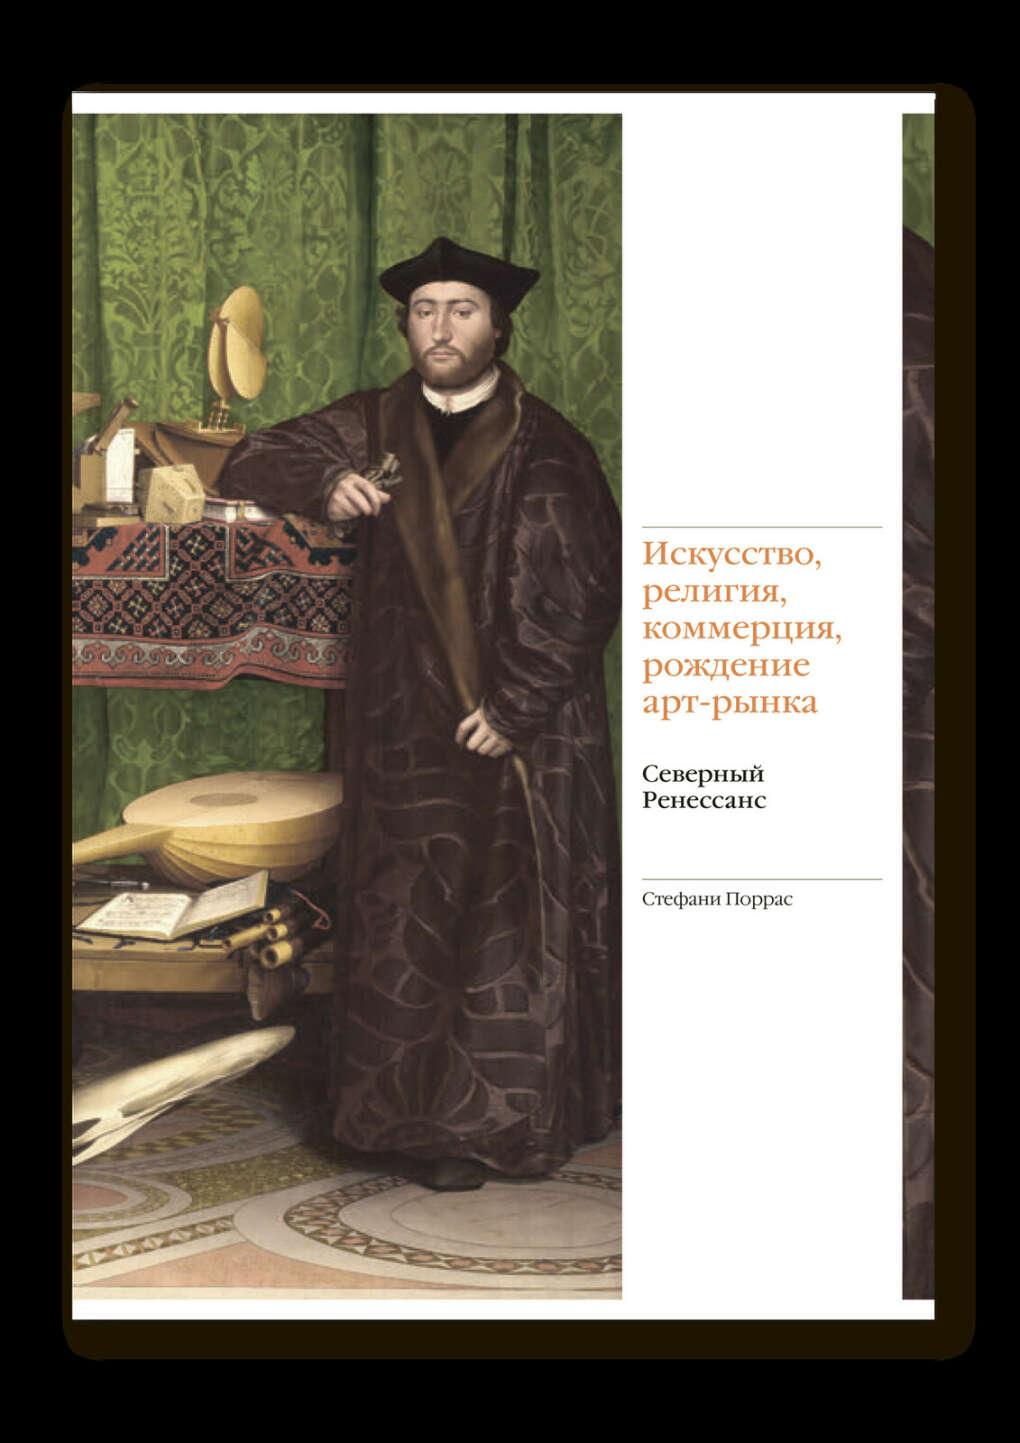 Искусство, религия, коммерция, рождение арт-рынка. Северный Ренессанс